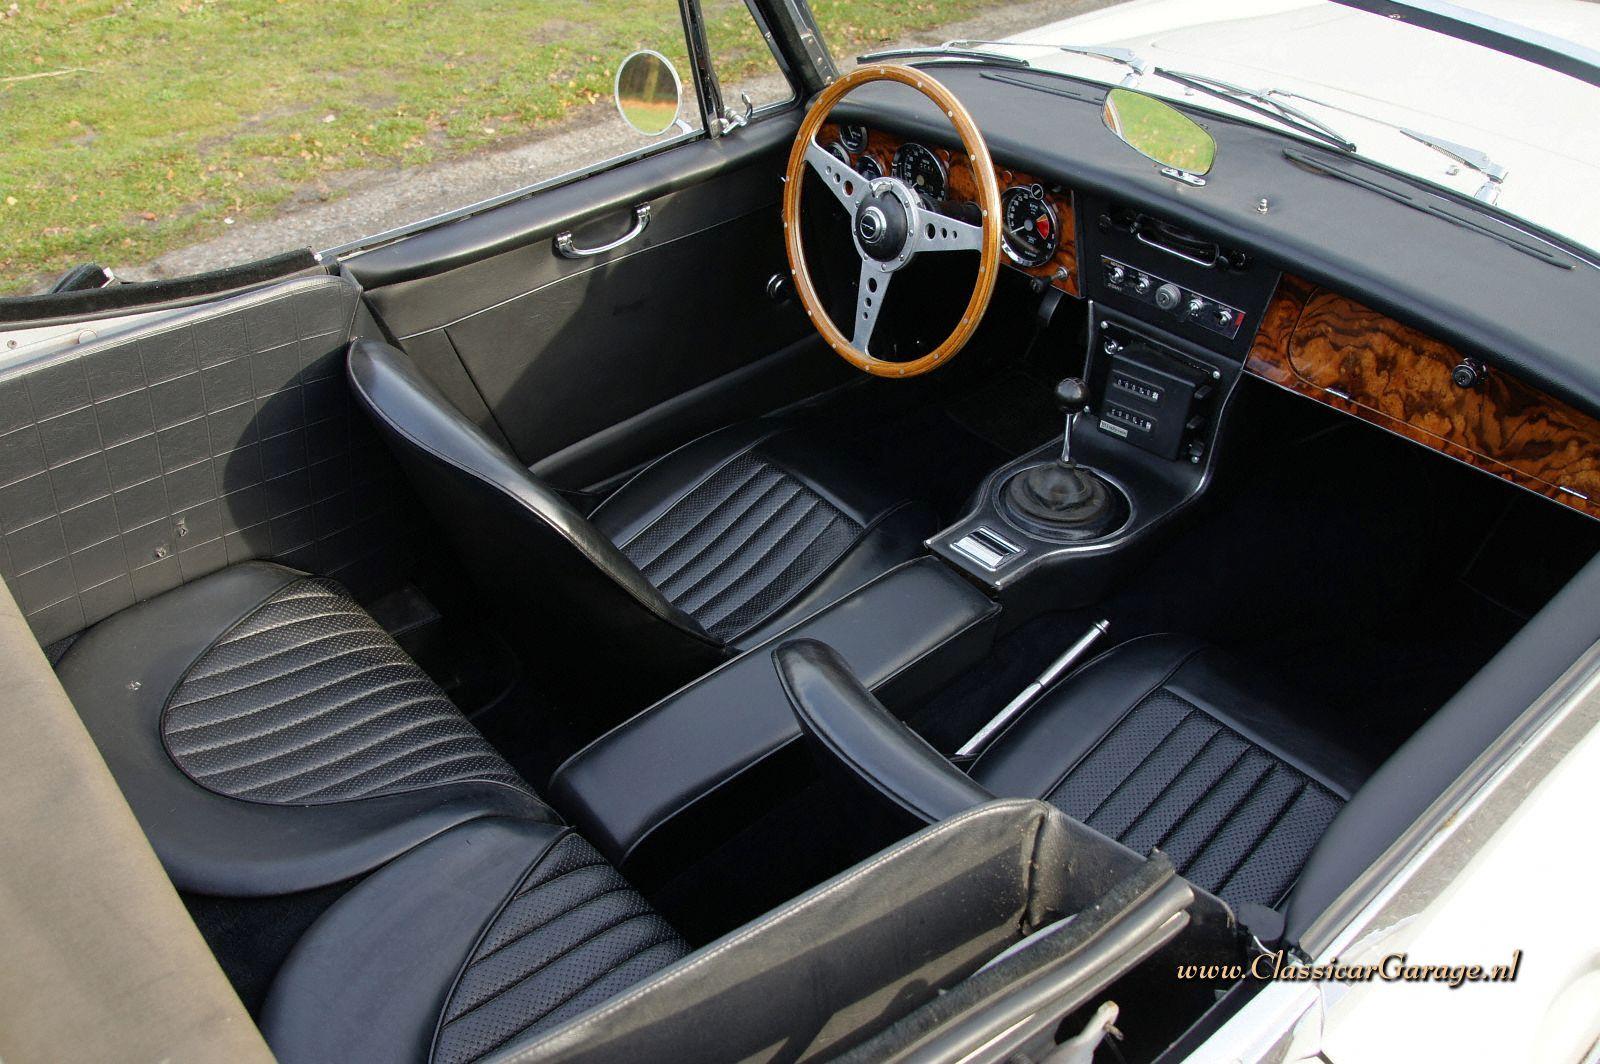 austin healey 3000 mk iii phase 1 1965 details. Black Bedroom Furniture Sets. Home Design Ideas